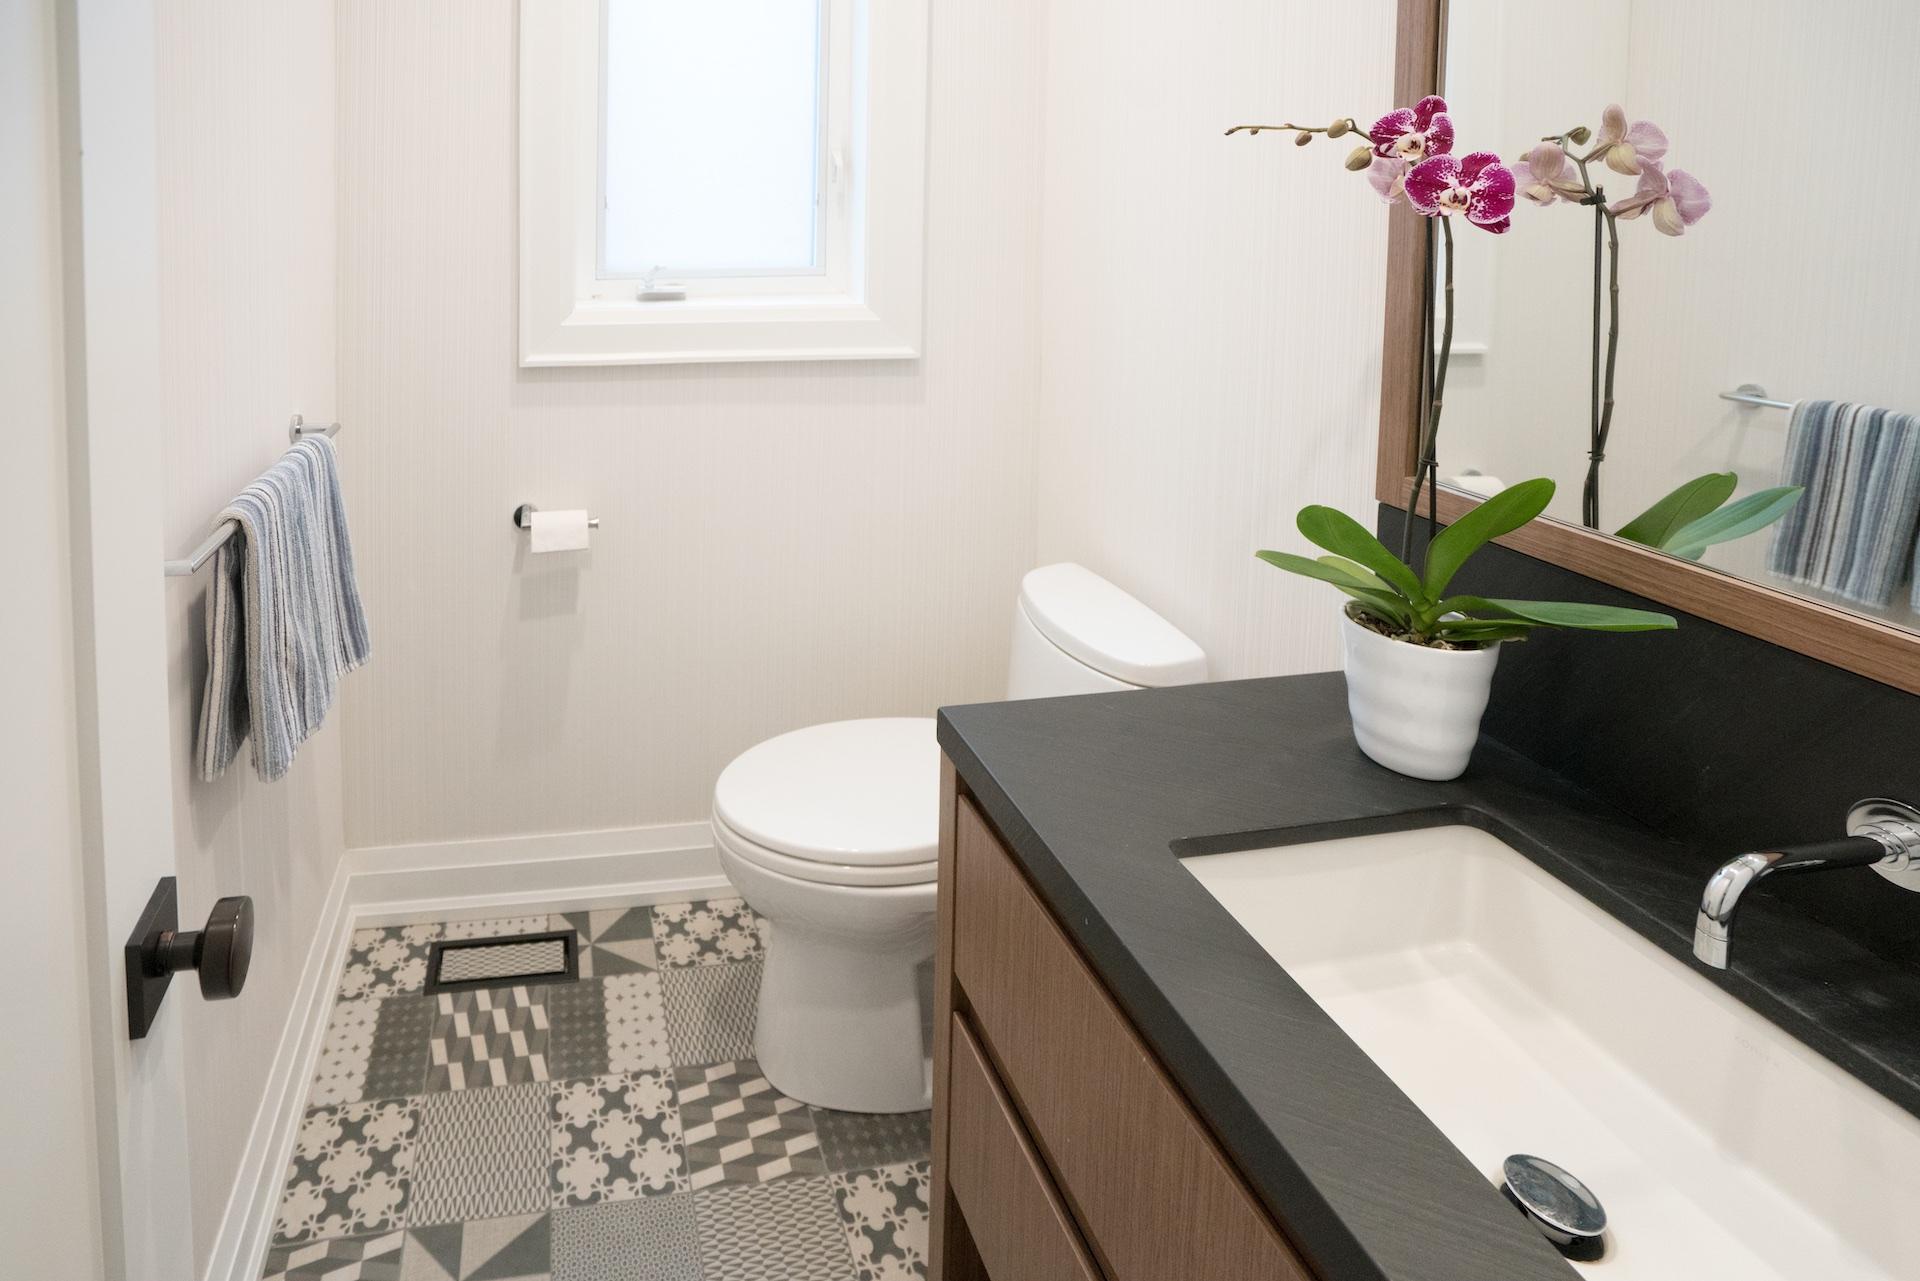 wood vanity and toilet